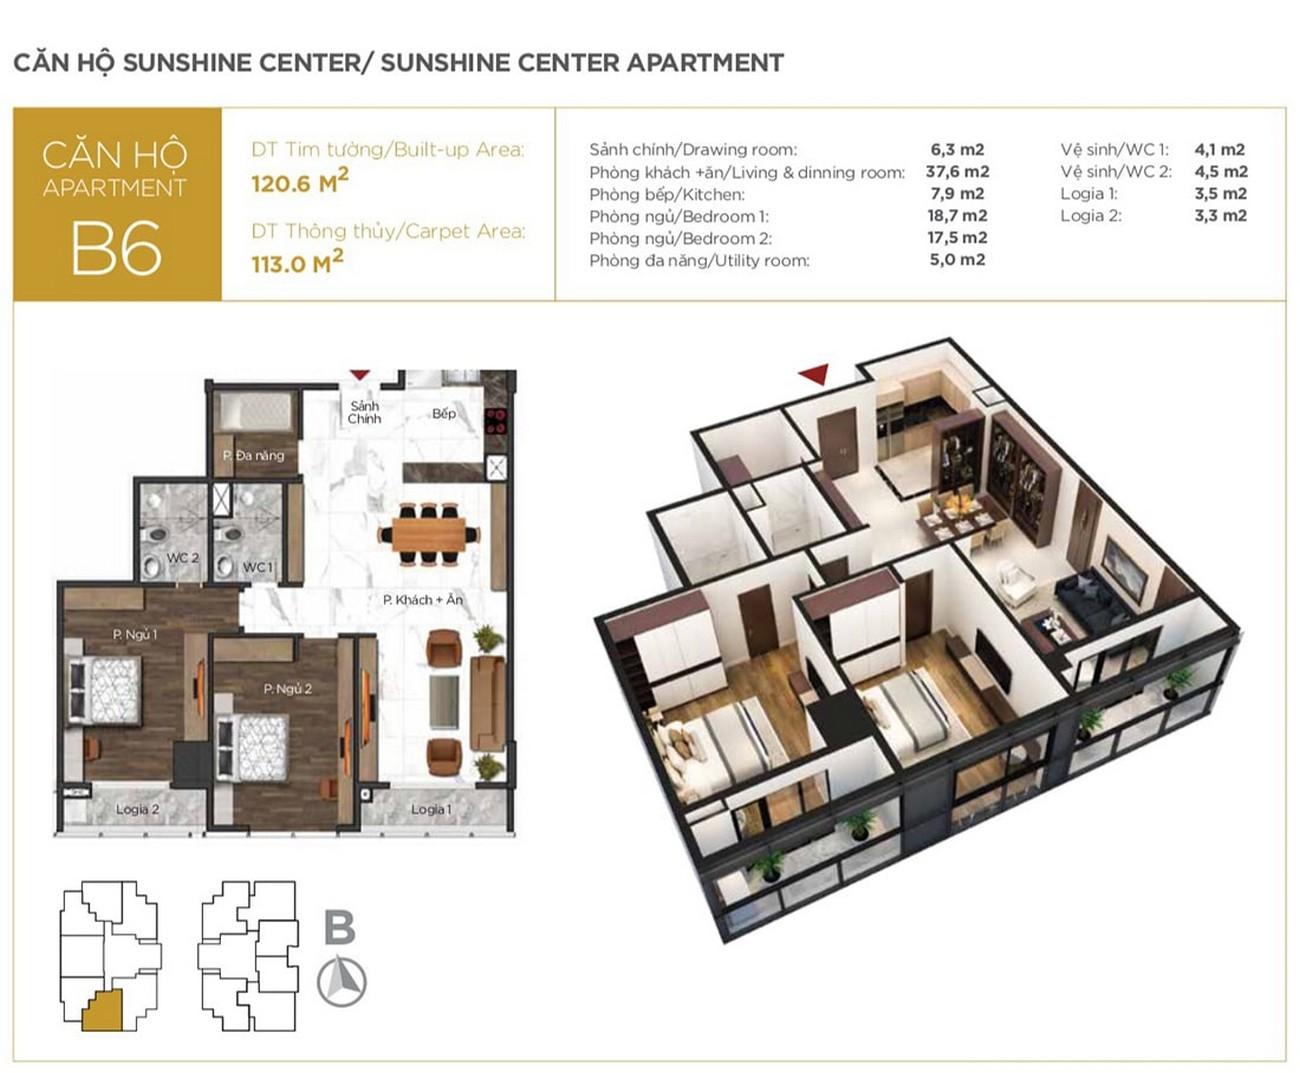 Thiết kế dự án căn hộ chung cư Sunshine Center Quận Nam Từ Liêm đường Phạm Hùng chủ đầu tư Sunshine Group